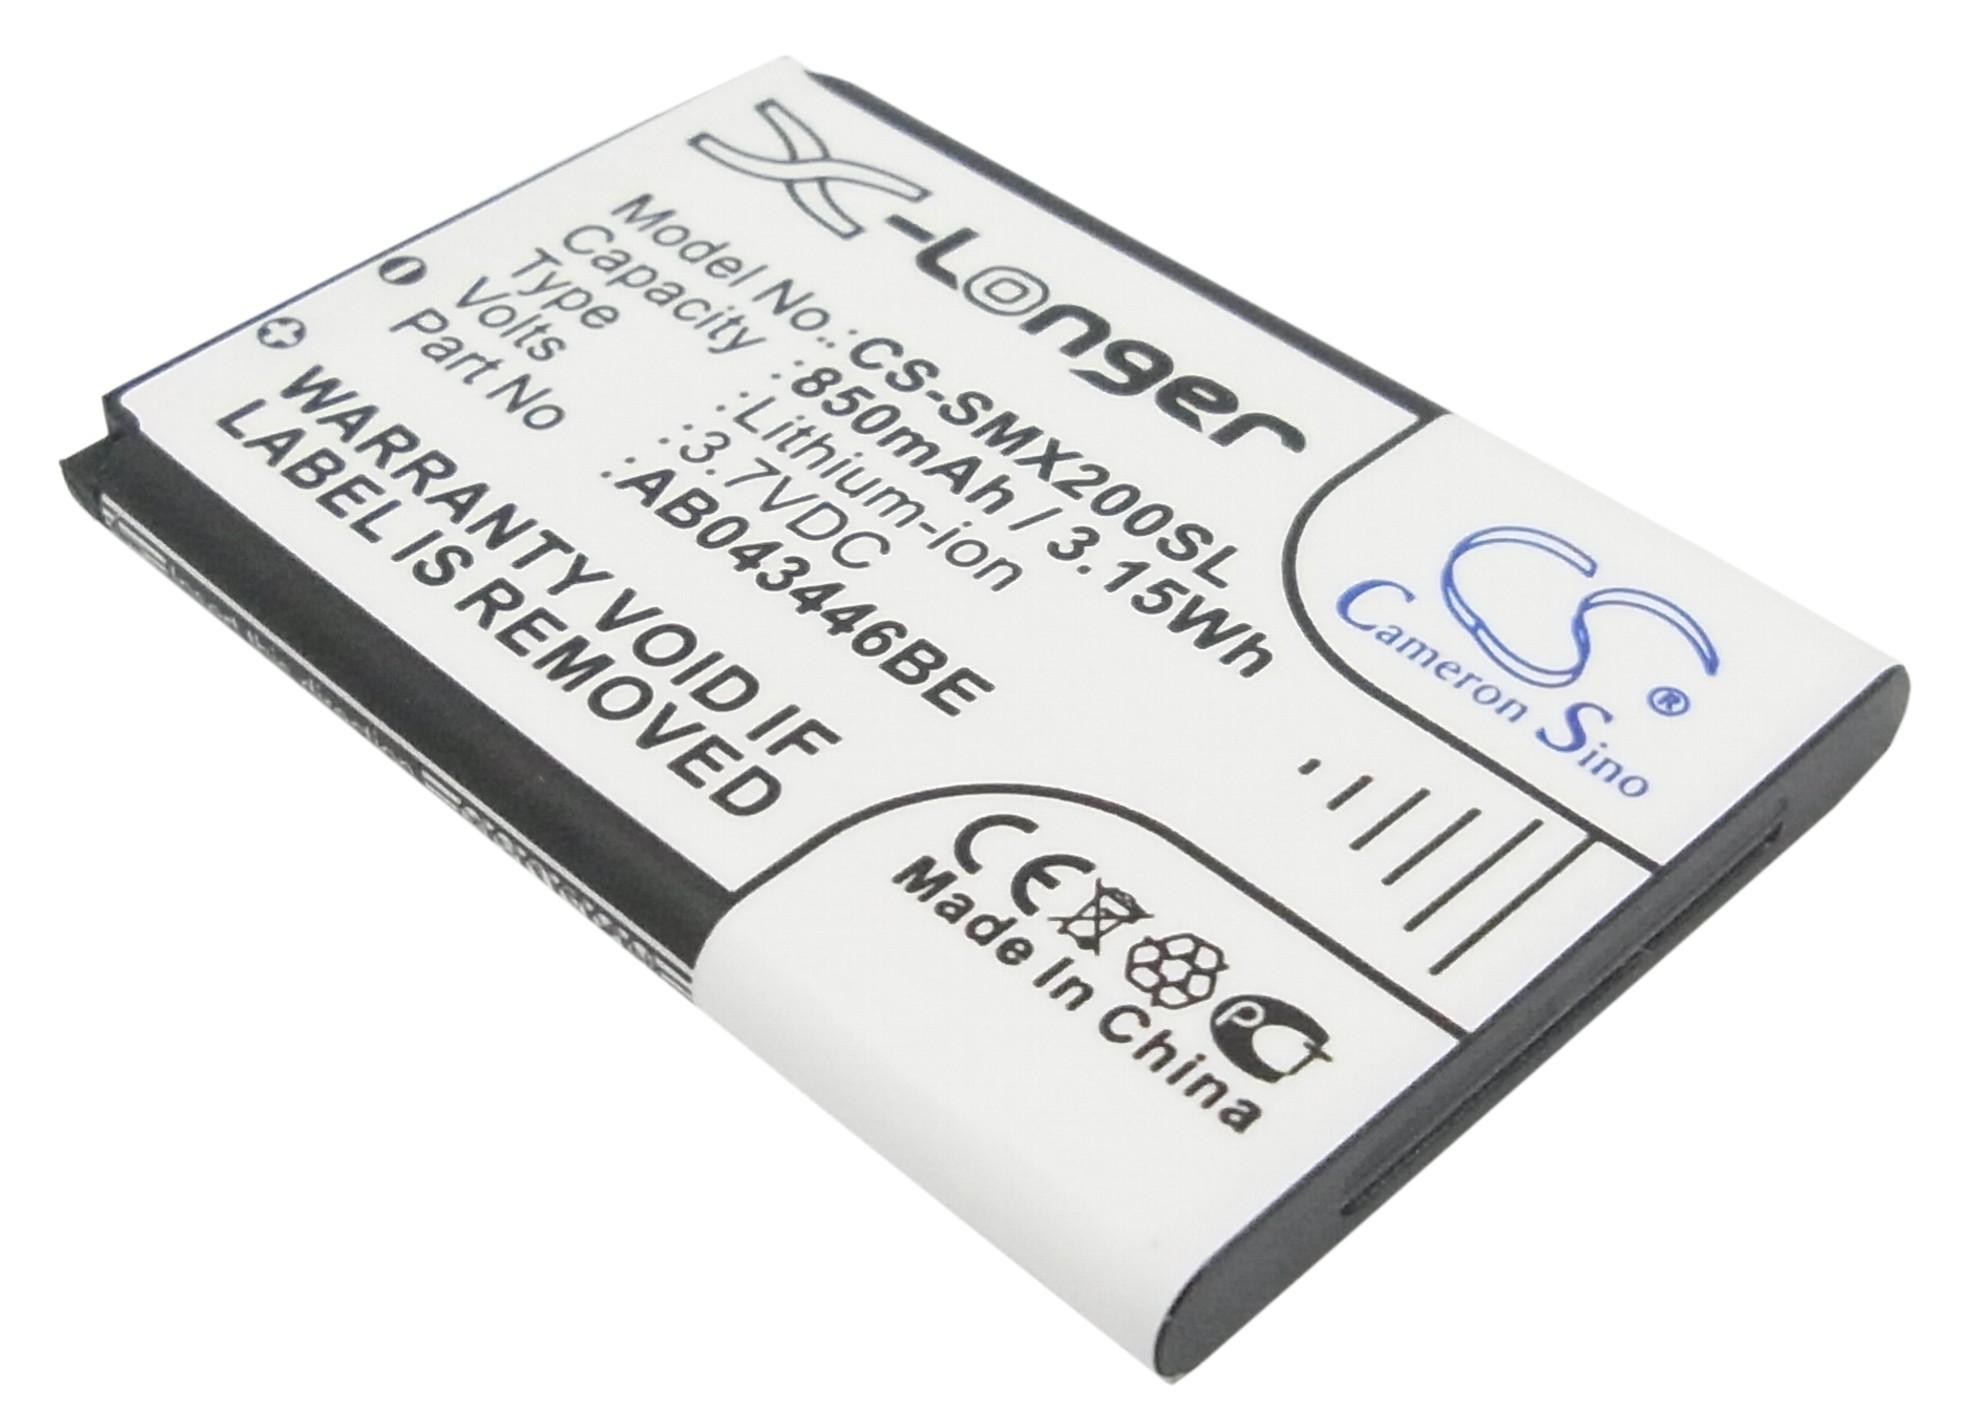 Cameron Sino baterie do mobilů pro SAMSUNG SGH-X210 3.7V Li-ion 850mAh černá - neoriginální